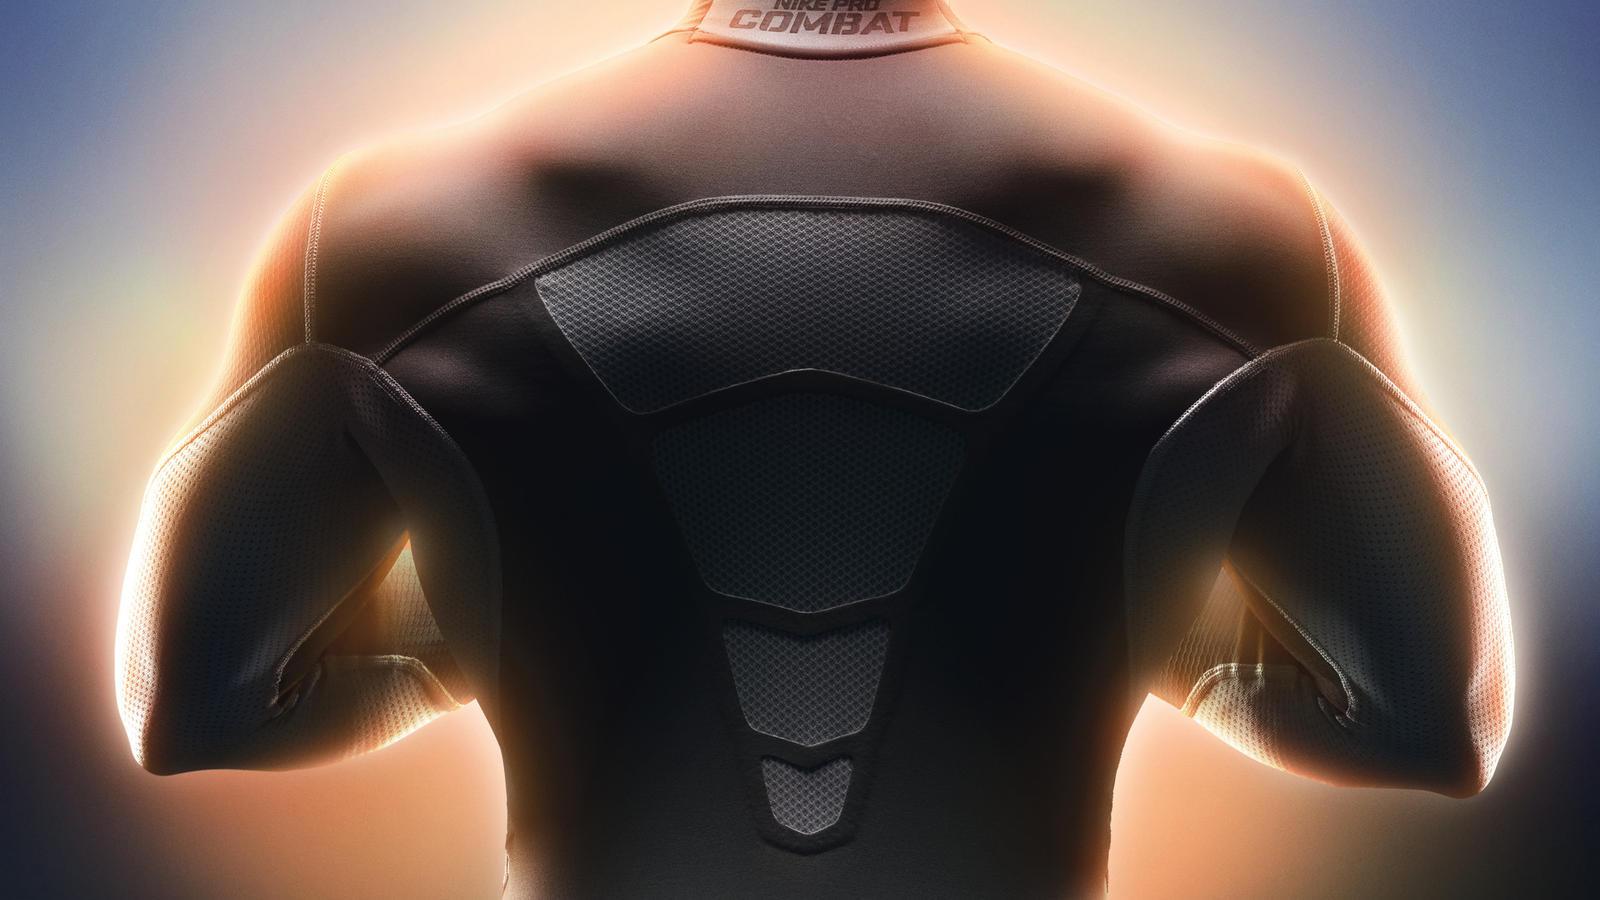 Nike Pro Combat Core Compression Hyperwarm Dri Fit Max